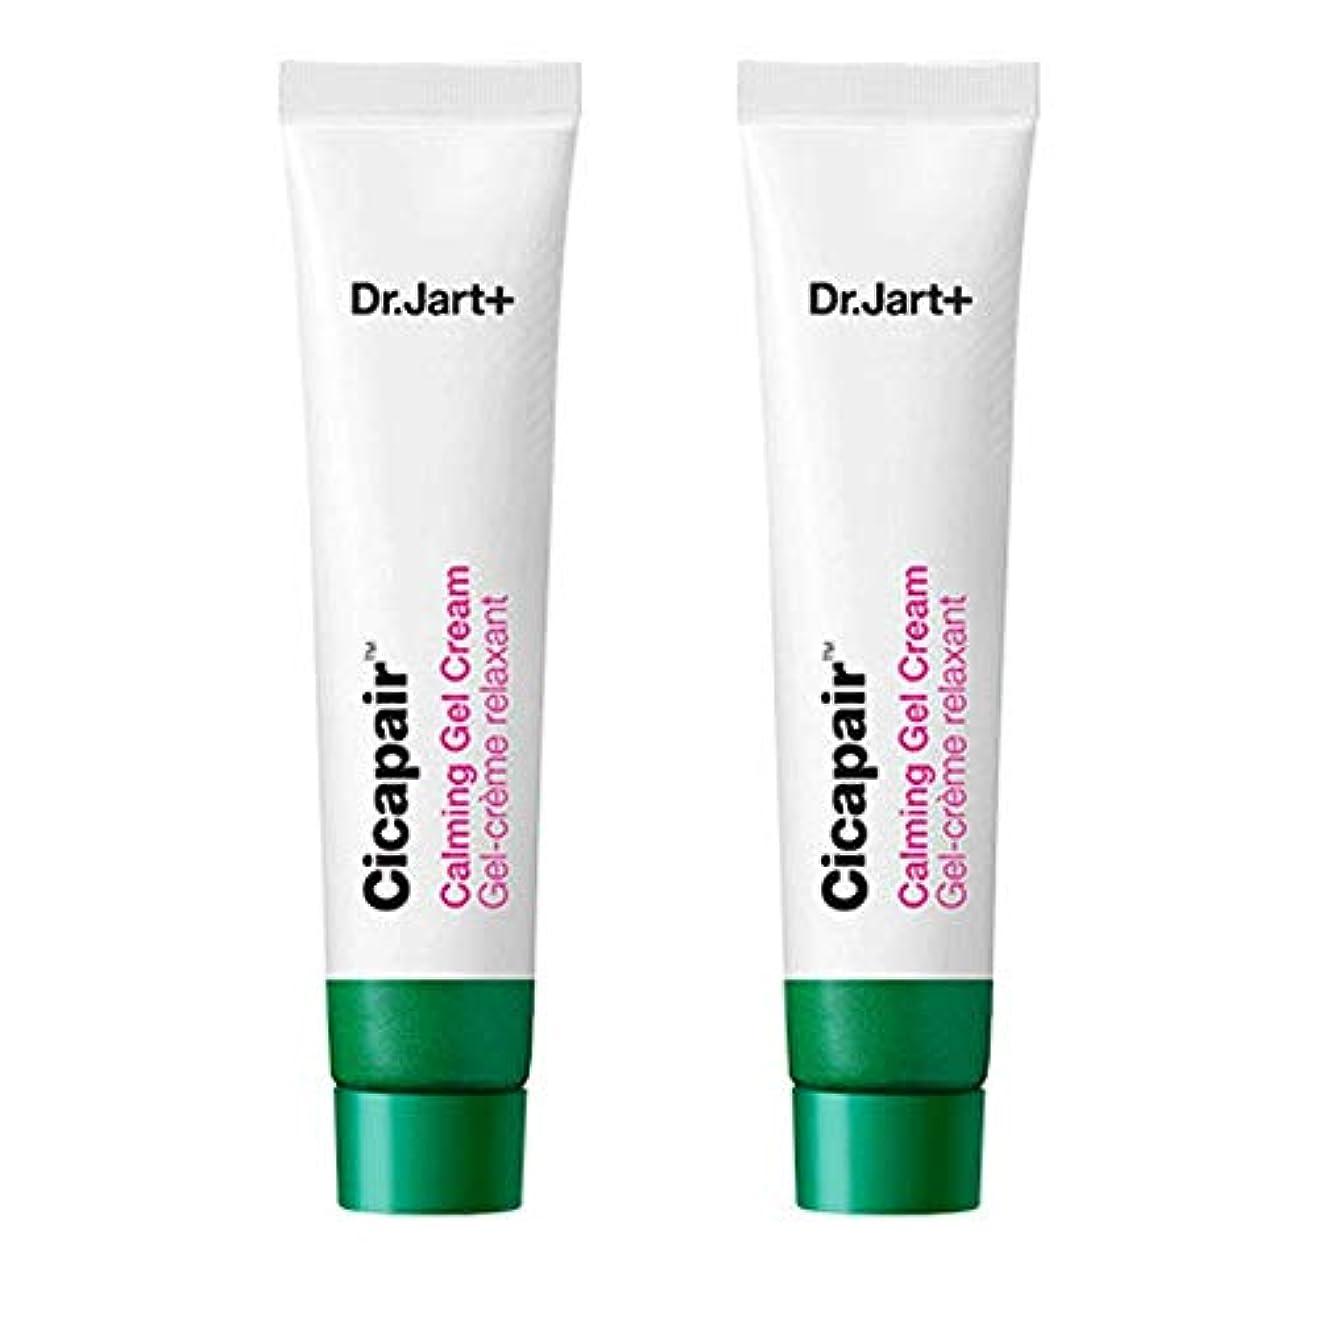 Dr.Jart+ Calming Gel Cream 15ml x 2ドクタージャルト シカペアー カーミング ジェル クリーム 15ml x 2 2代目 [並行輸入品]